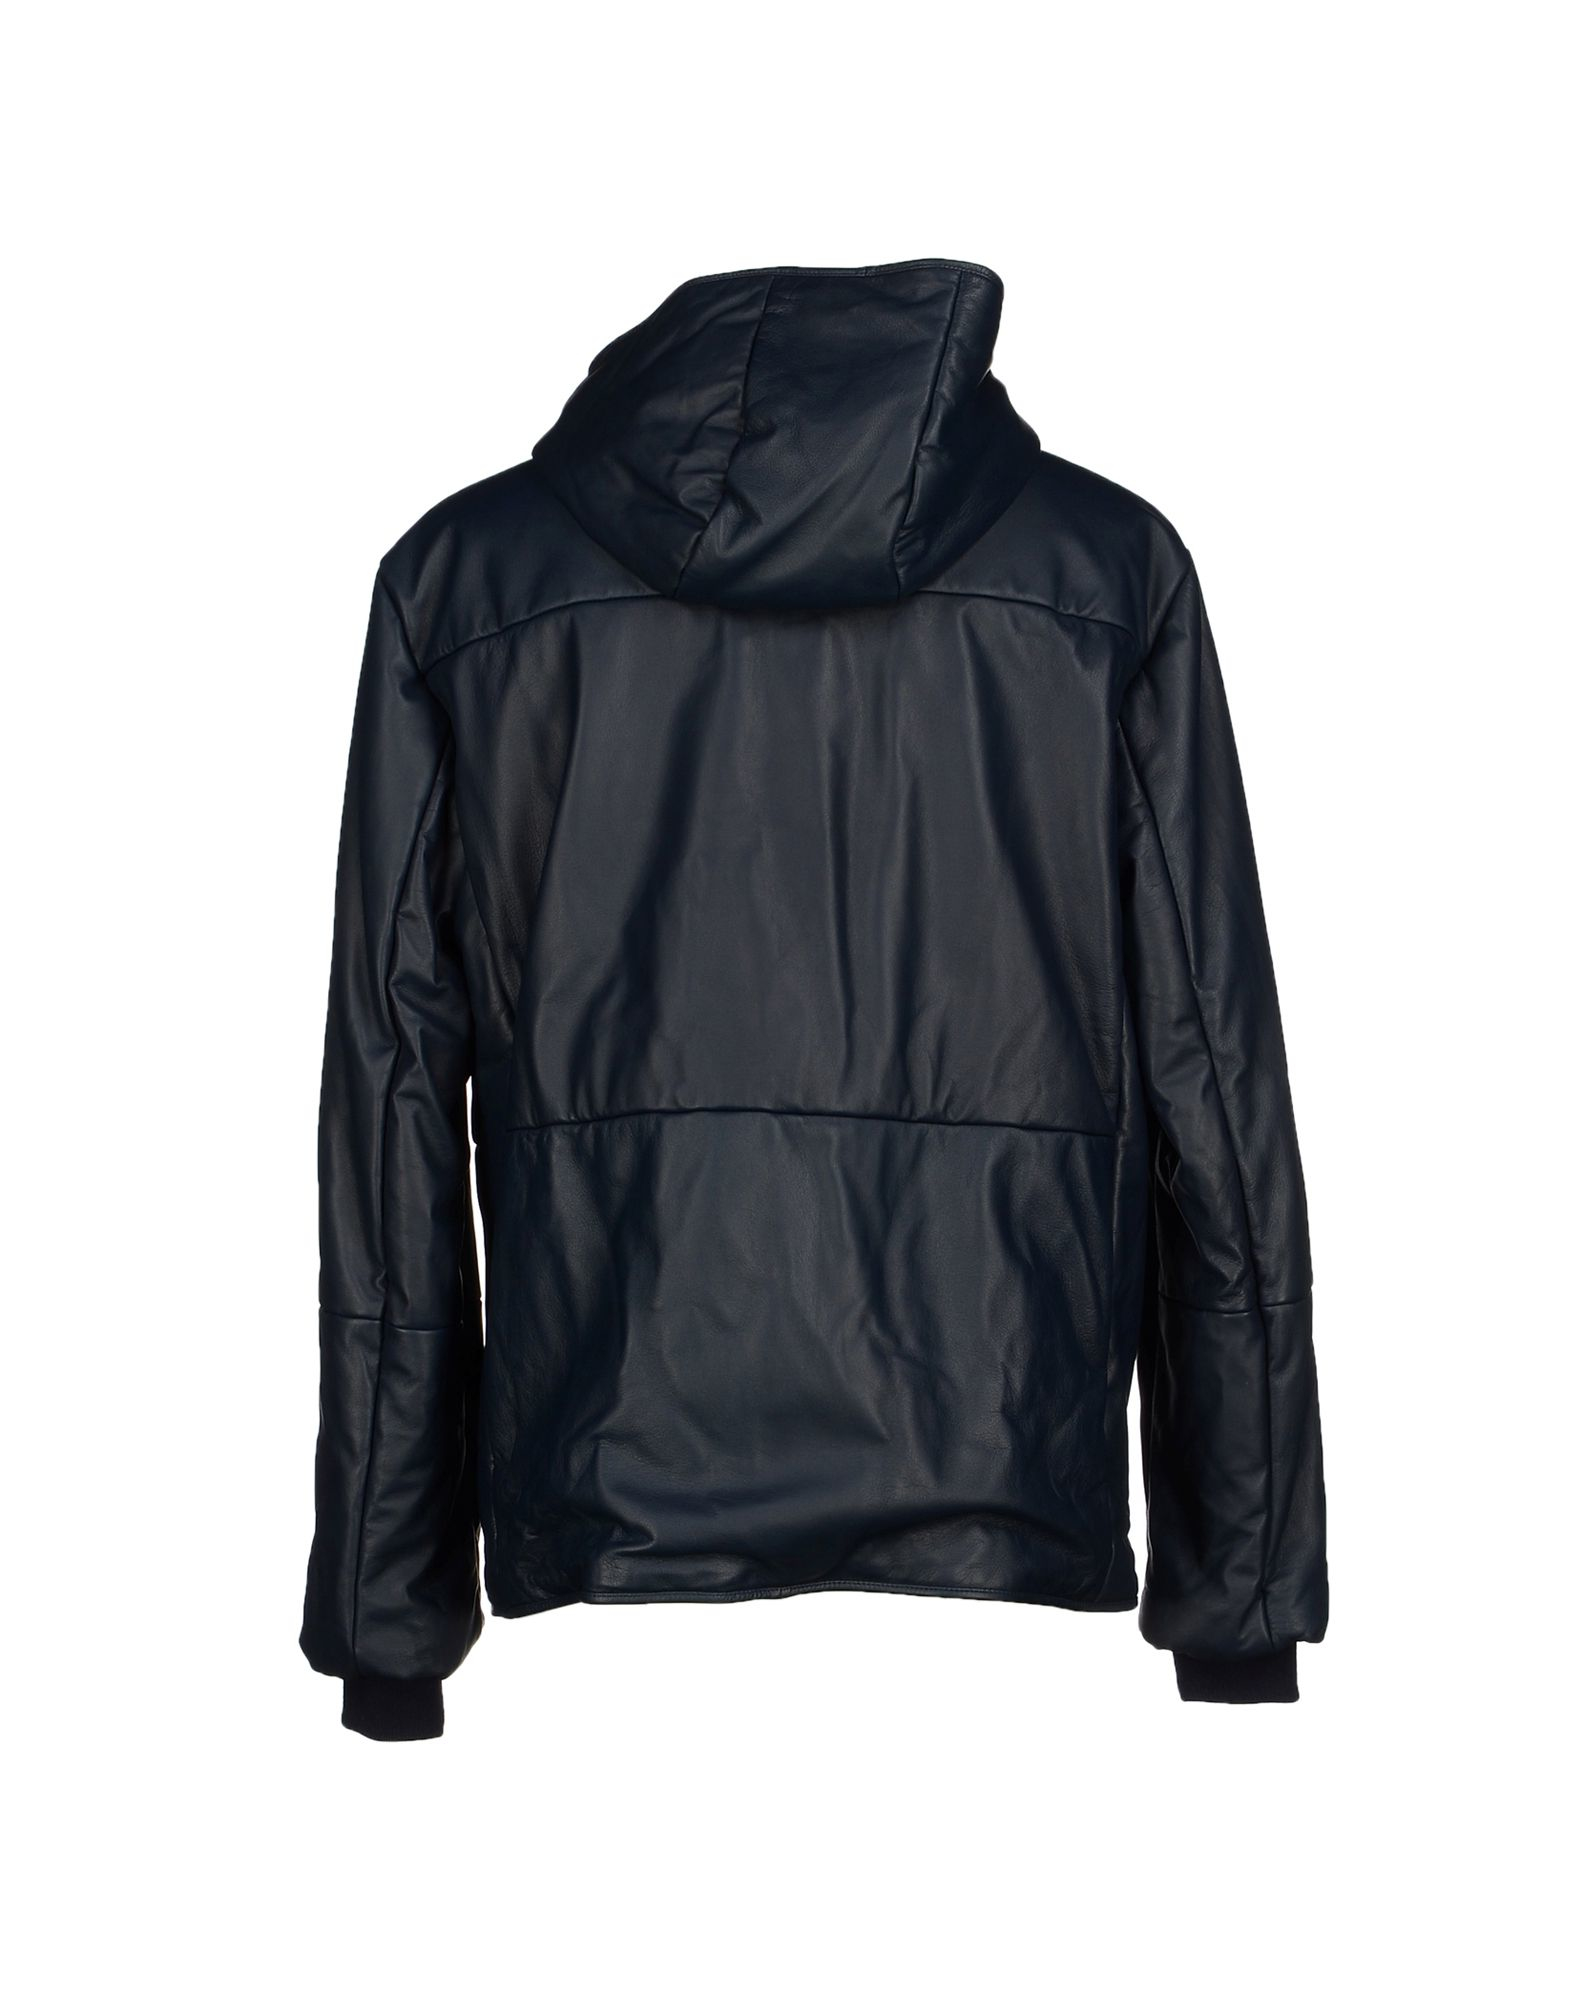 Fratelli Rossetti Jacket in Dark Blue (Blue) for Men